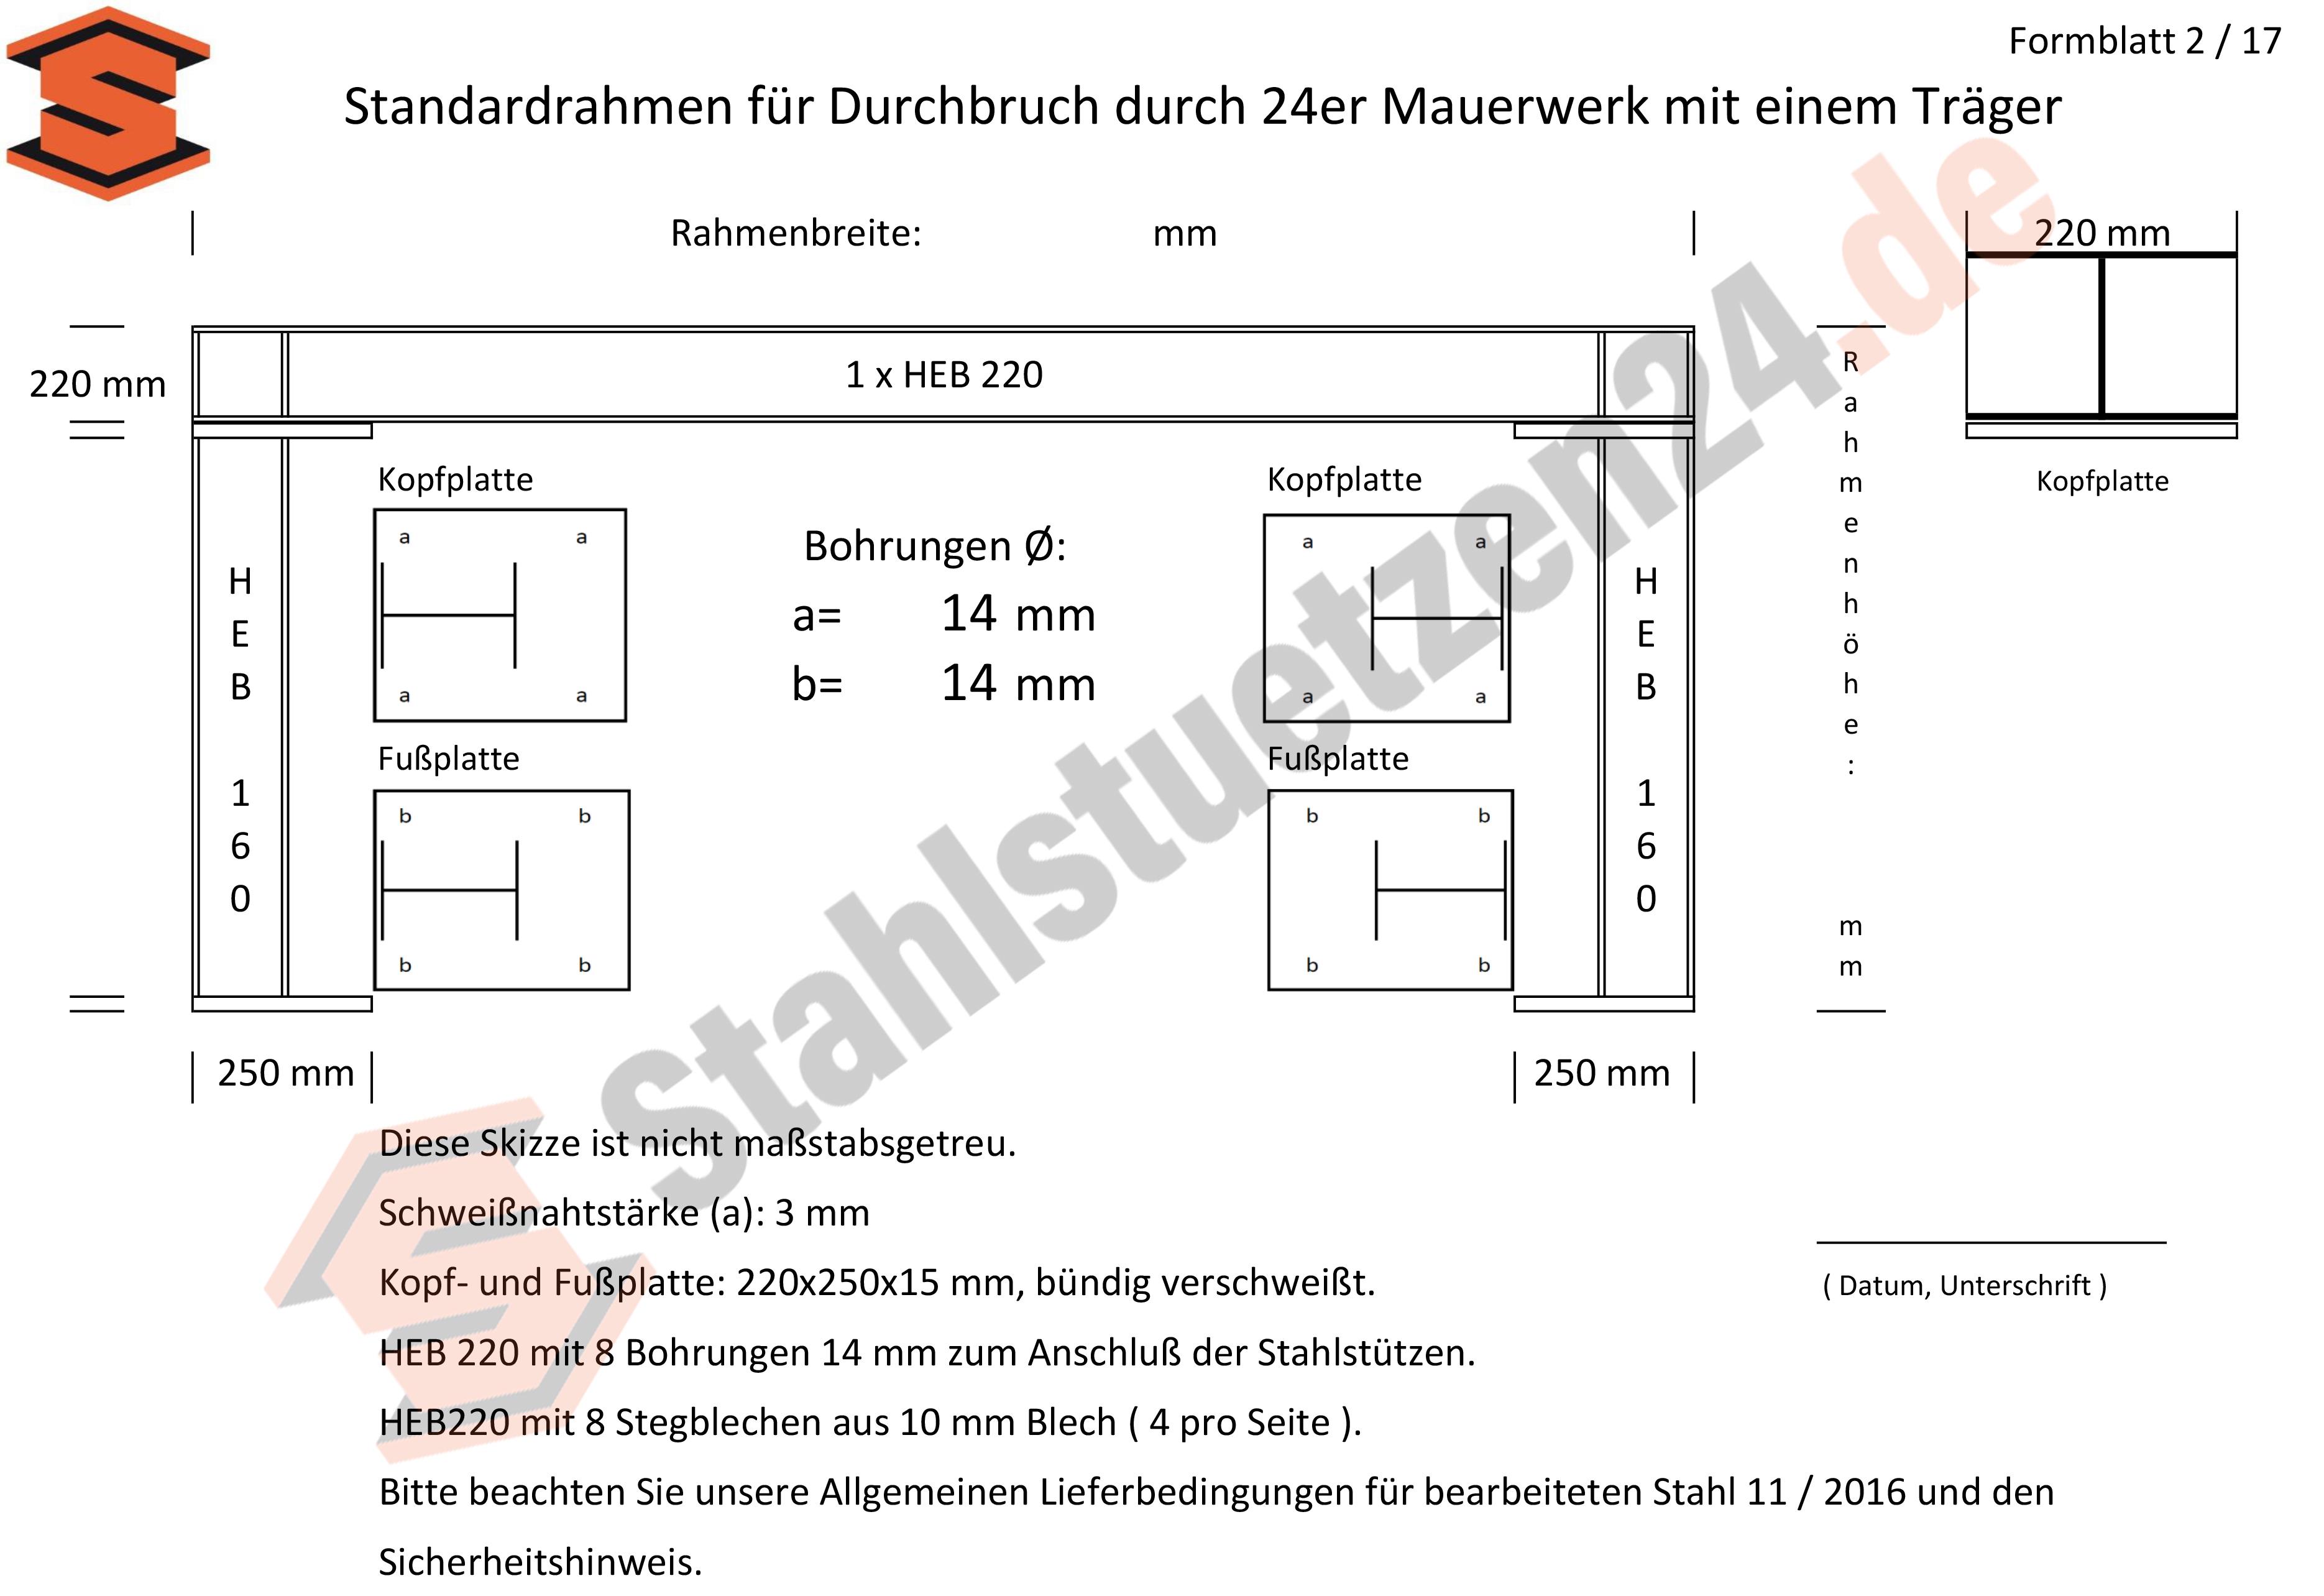 Konstruktionshilfe - Standardrahmen für Durchbruch durch 24er Mauerwerk mit einem Träger